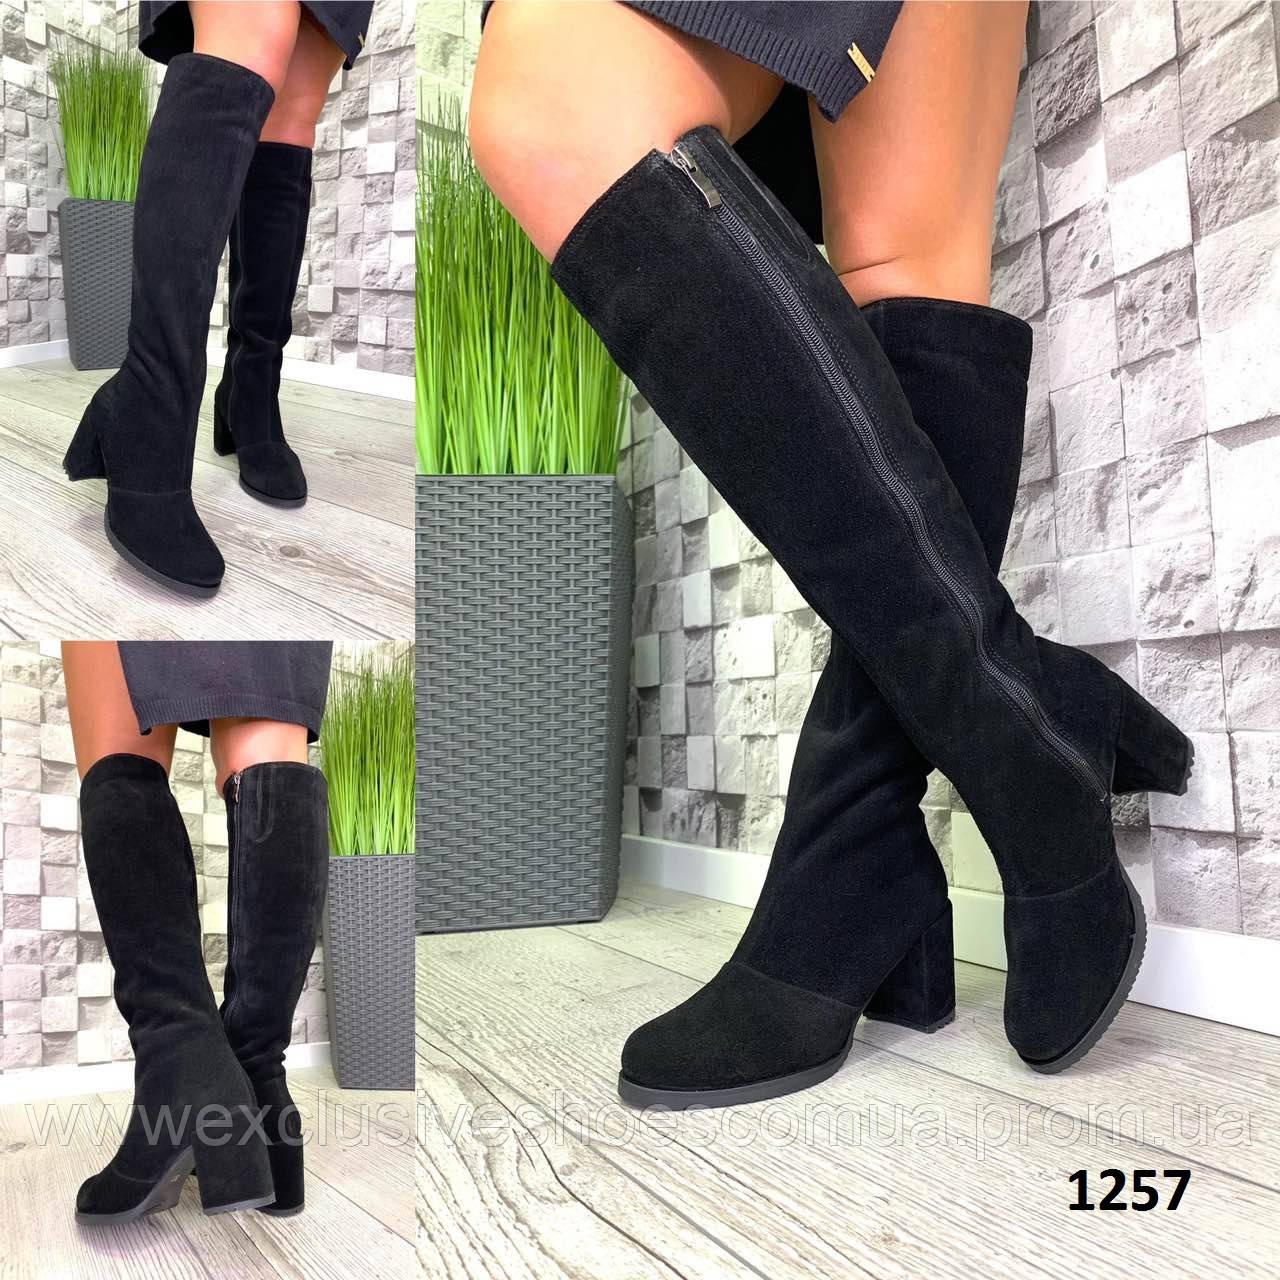 Сапоги женские зимние замшевые черные на каблуке